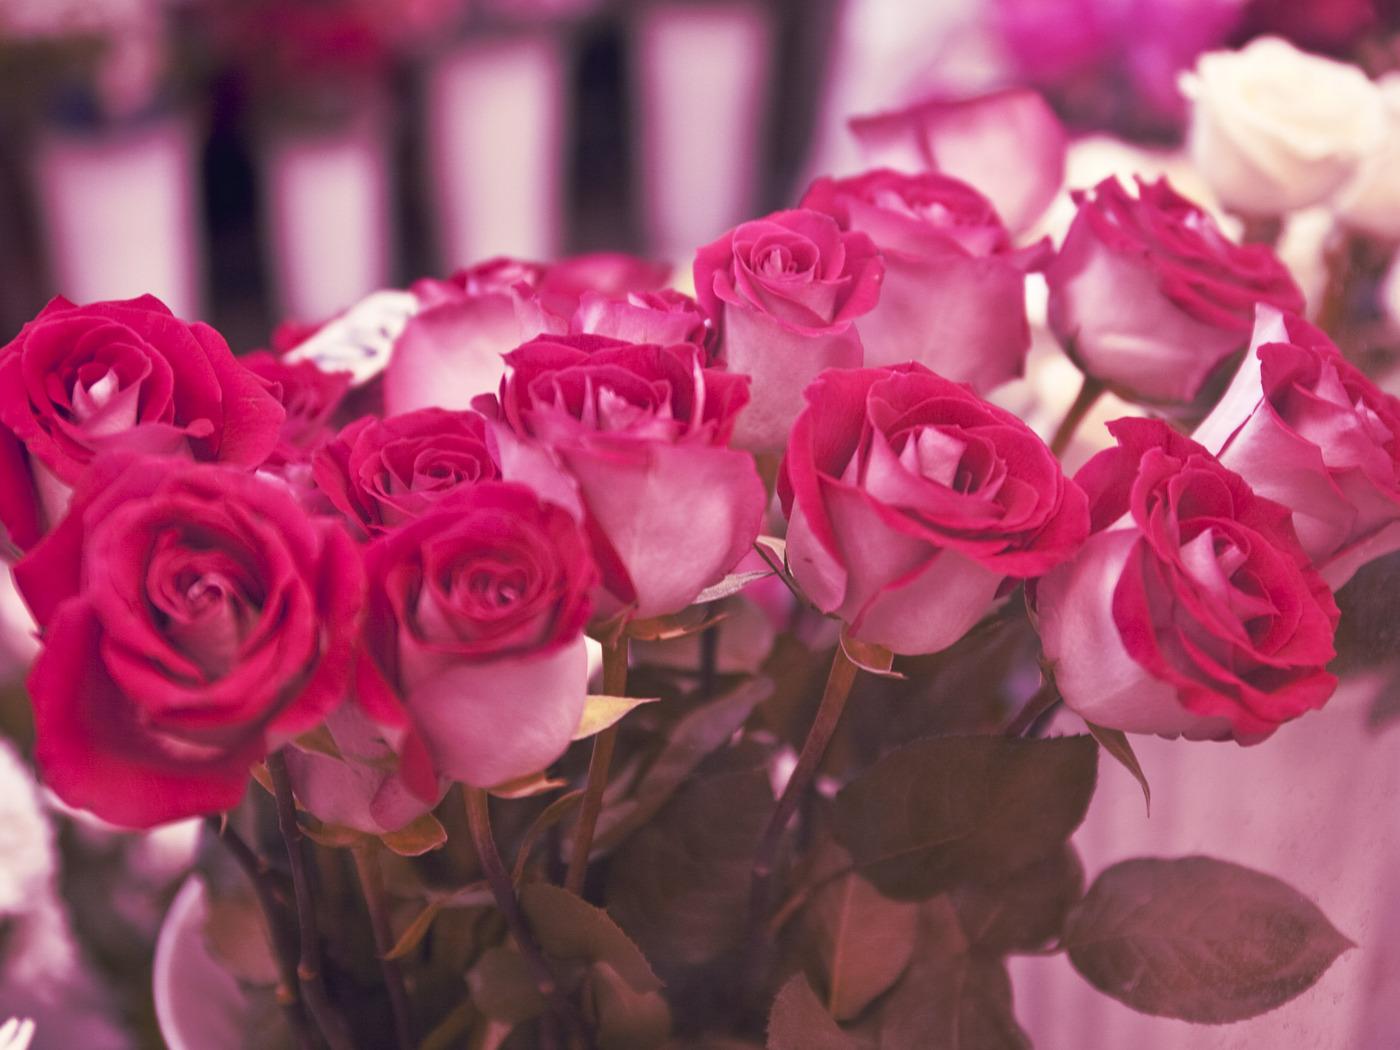 Handy-Wallpaper Pflanzen, Blumen, Roses, Postkarten, 8. März Internationaler Frauentag kostenlos herunterladen.